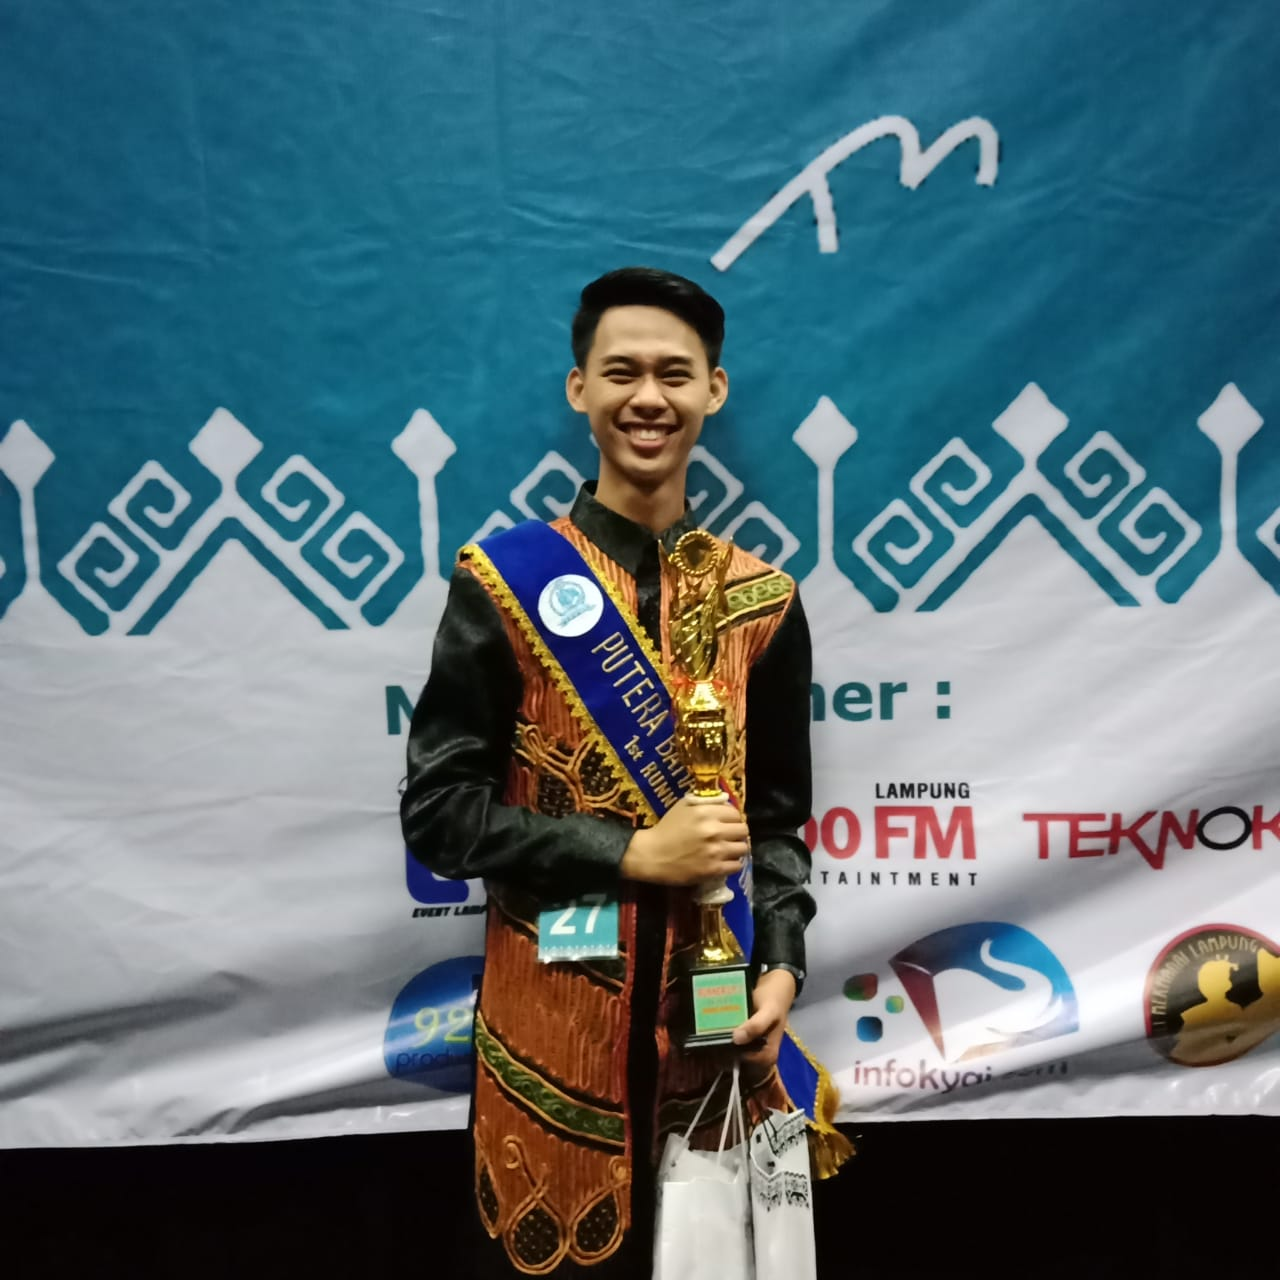 Mahasiswa IIB Darmajaya Raih Runner-Up 1 Putra Bahari Lampung 2019